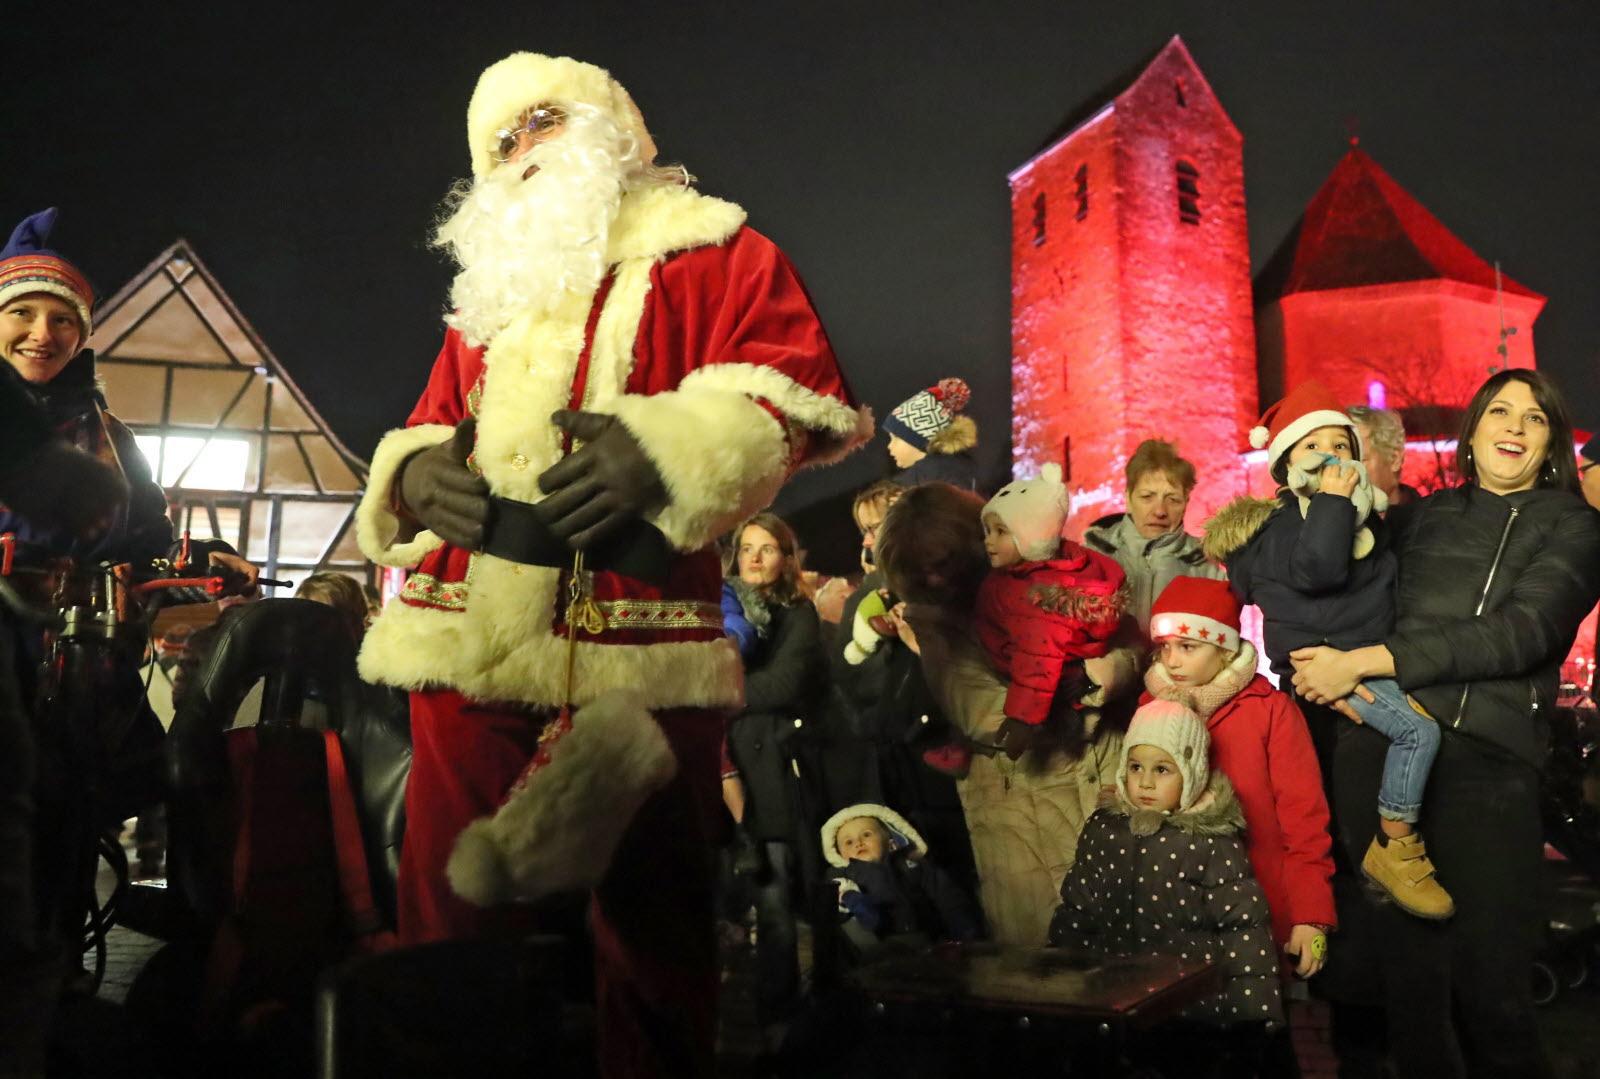 Diaporamas | [Diaporama] Le Marché De Noël Joue La Carte concernant Oi Bientot Ce Sera Noel